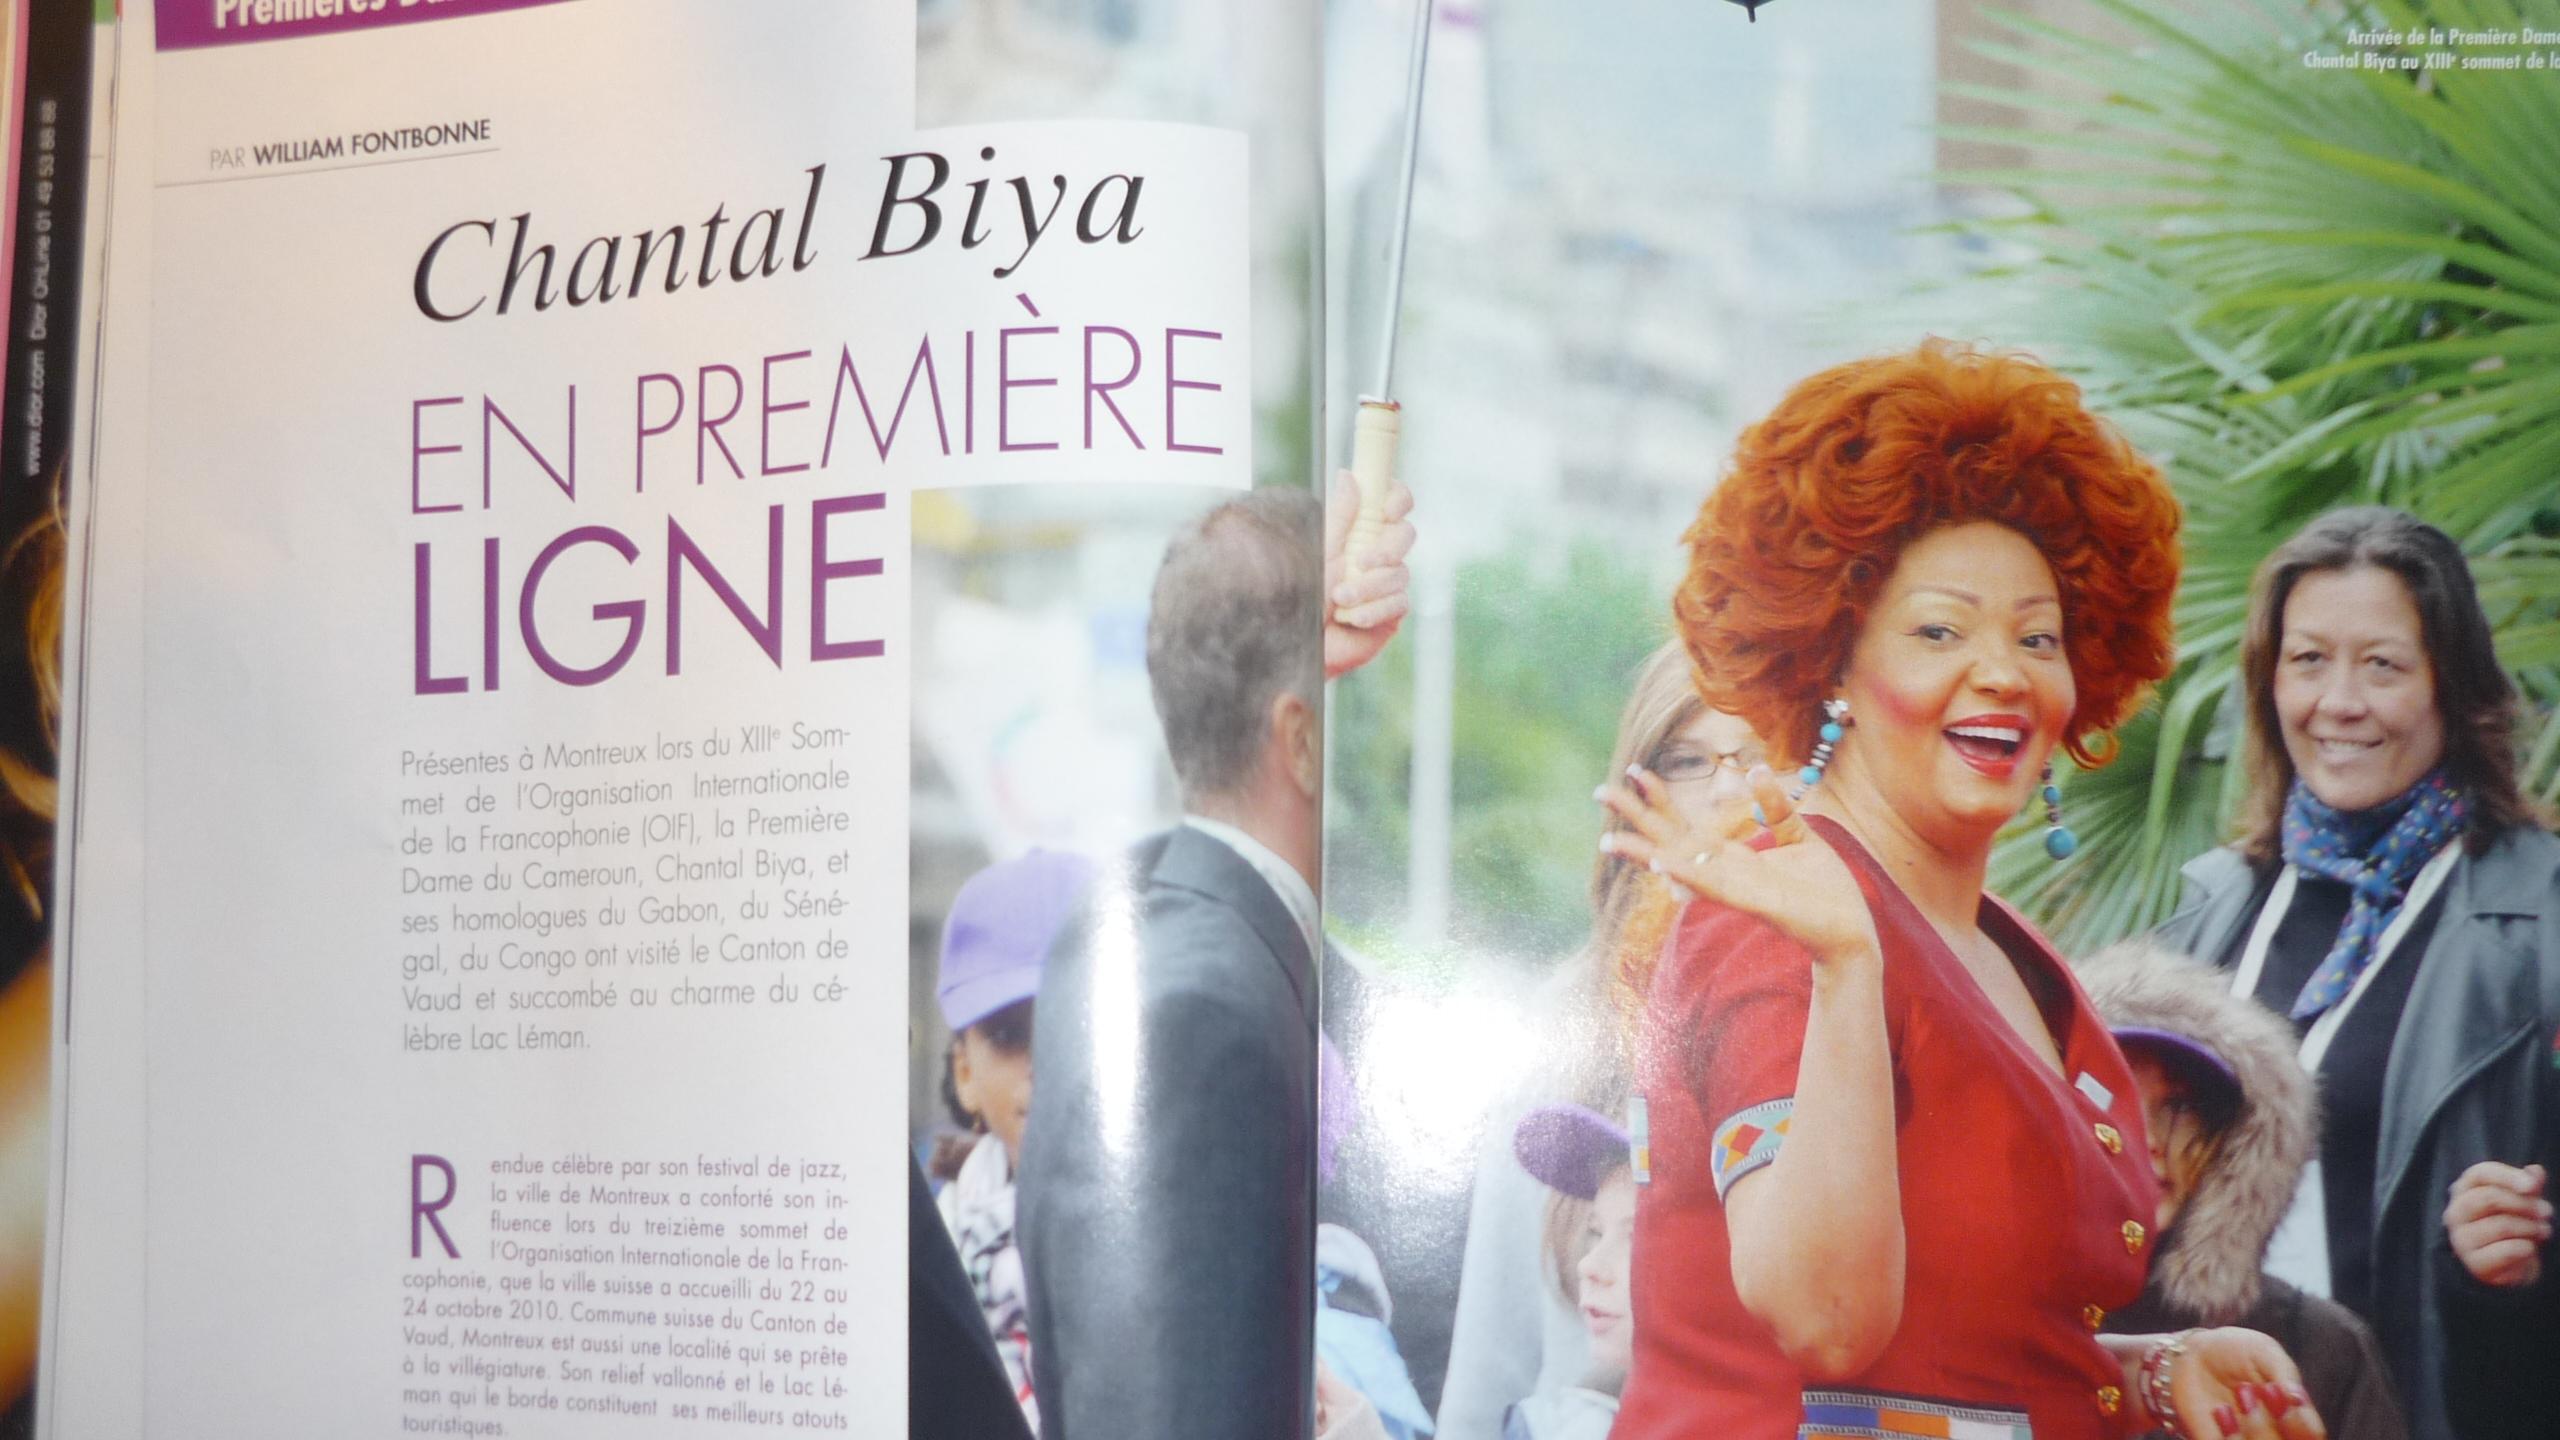 Chantal Biya